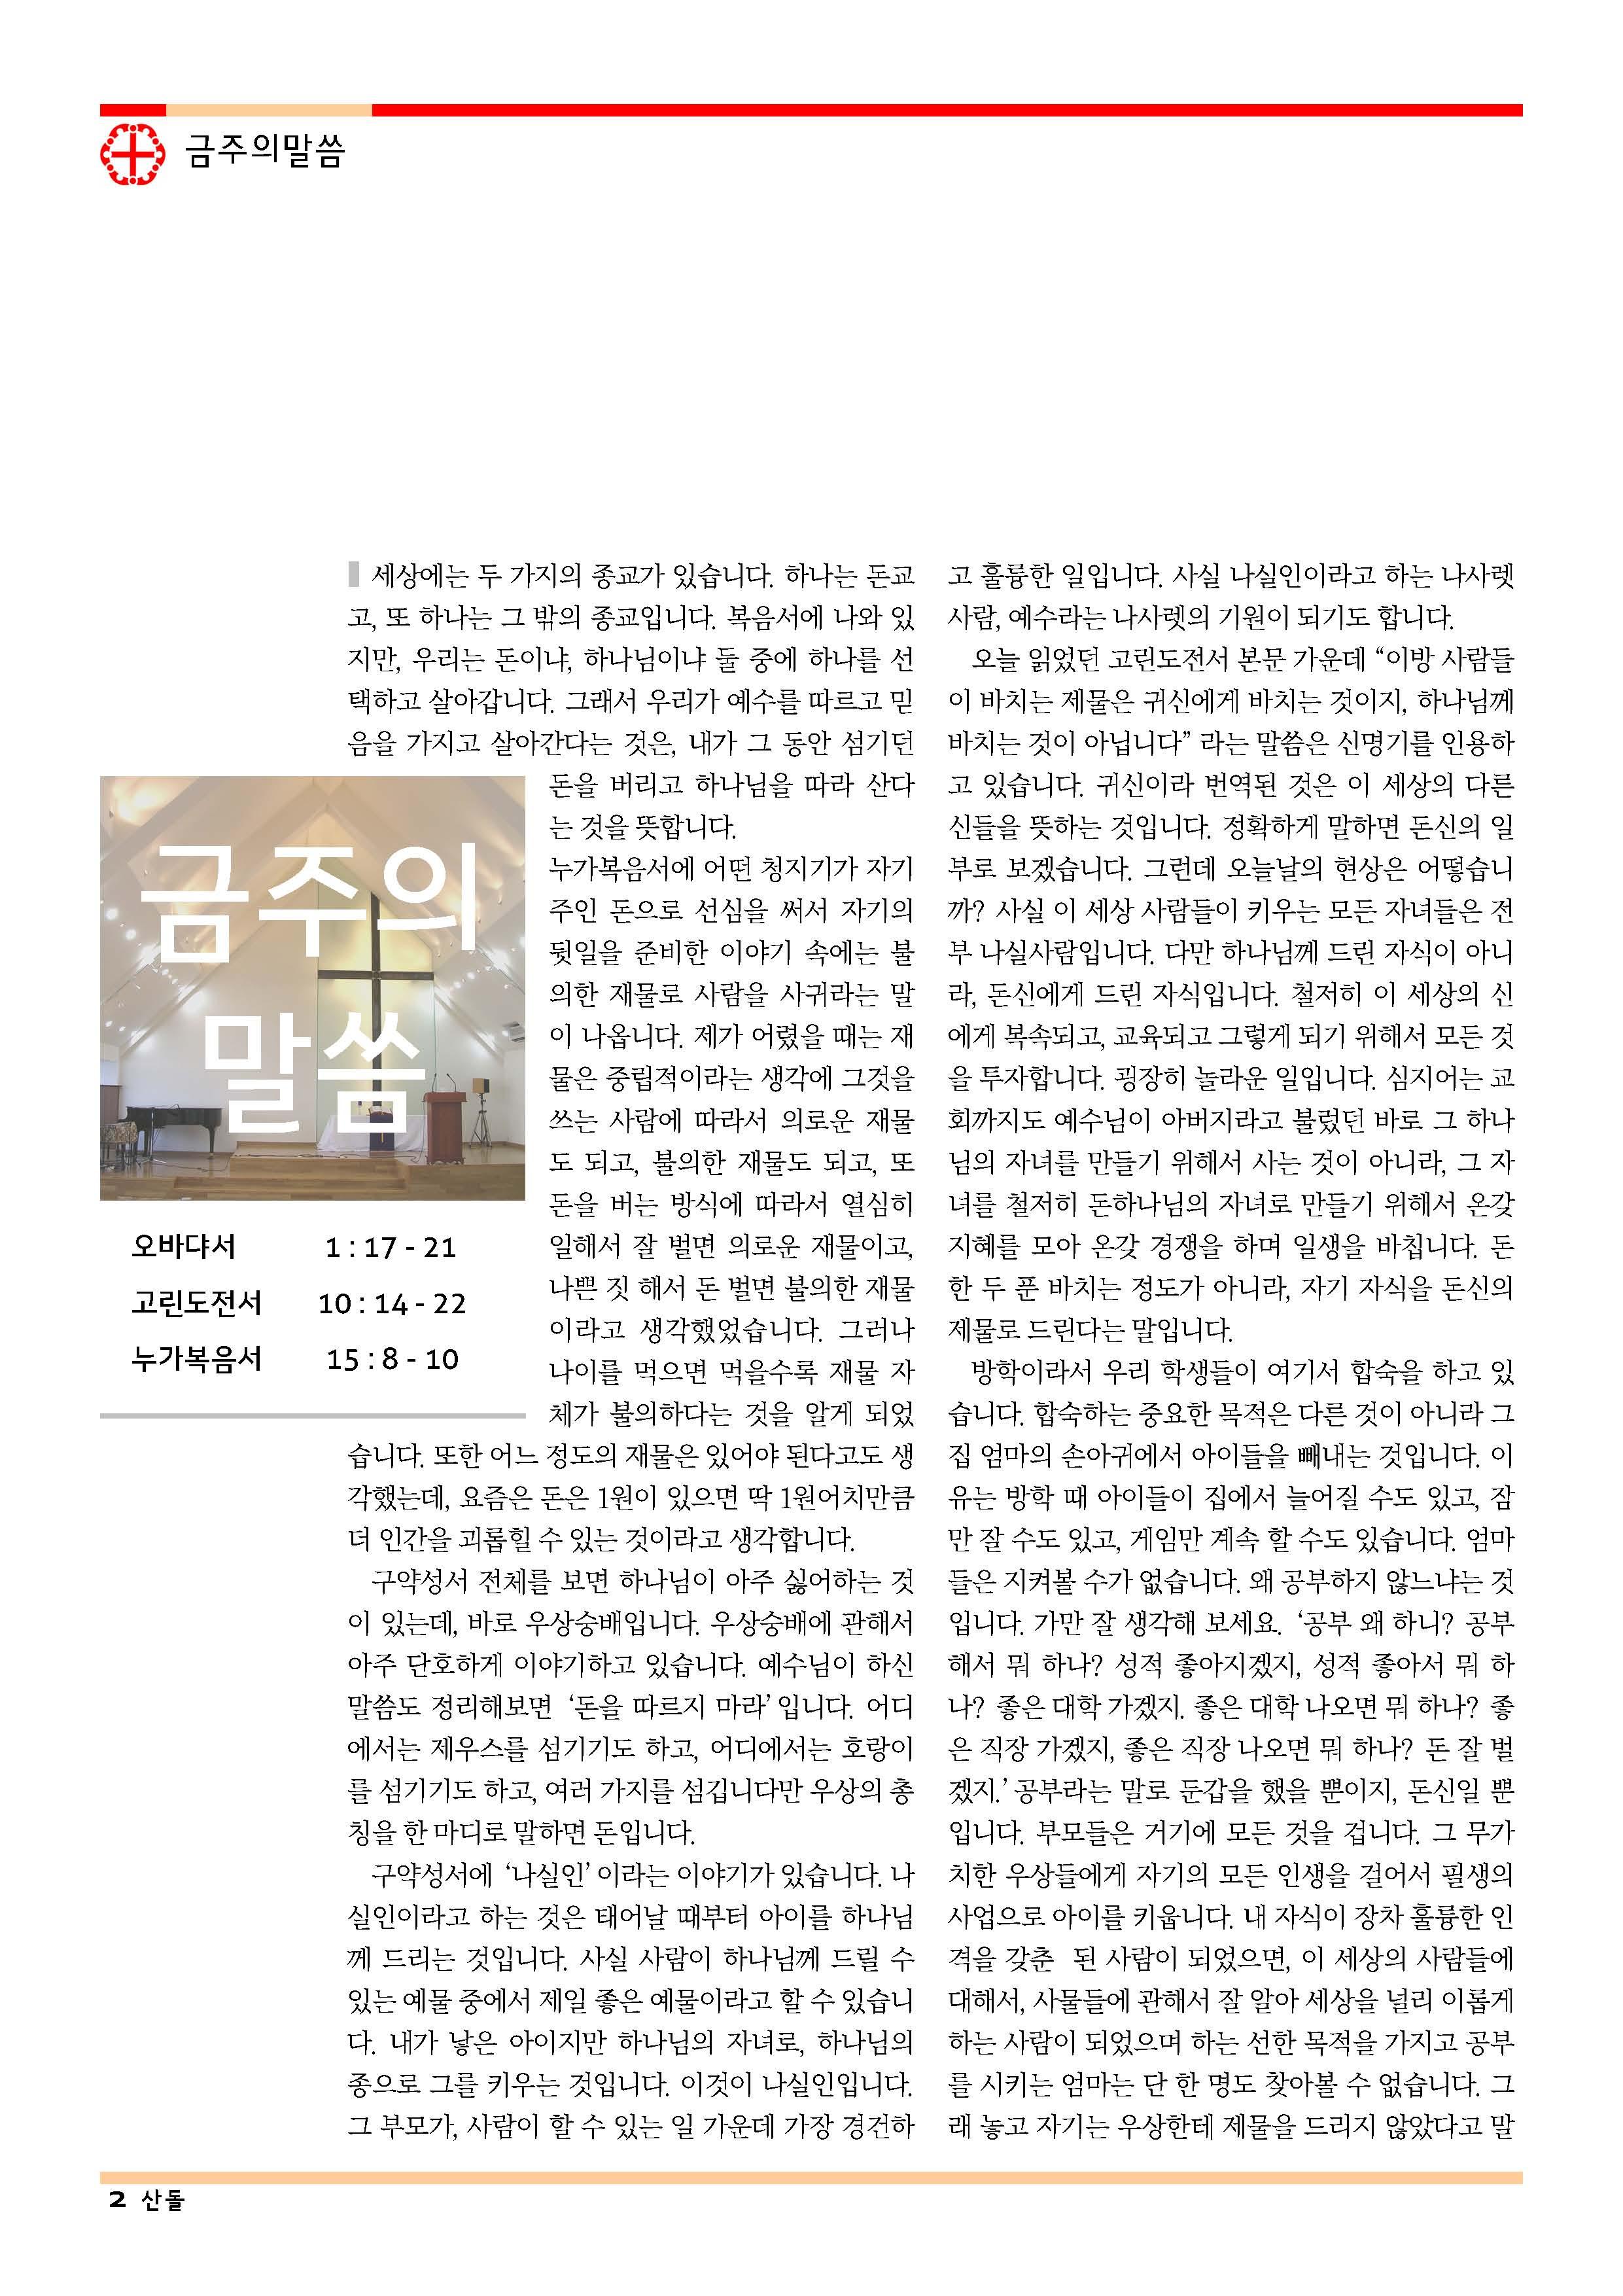 13sdjb0818_Page_02.jpg